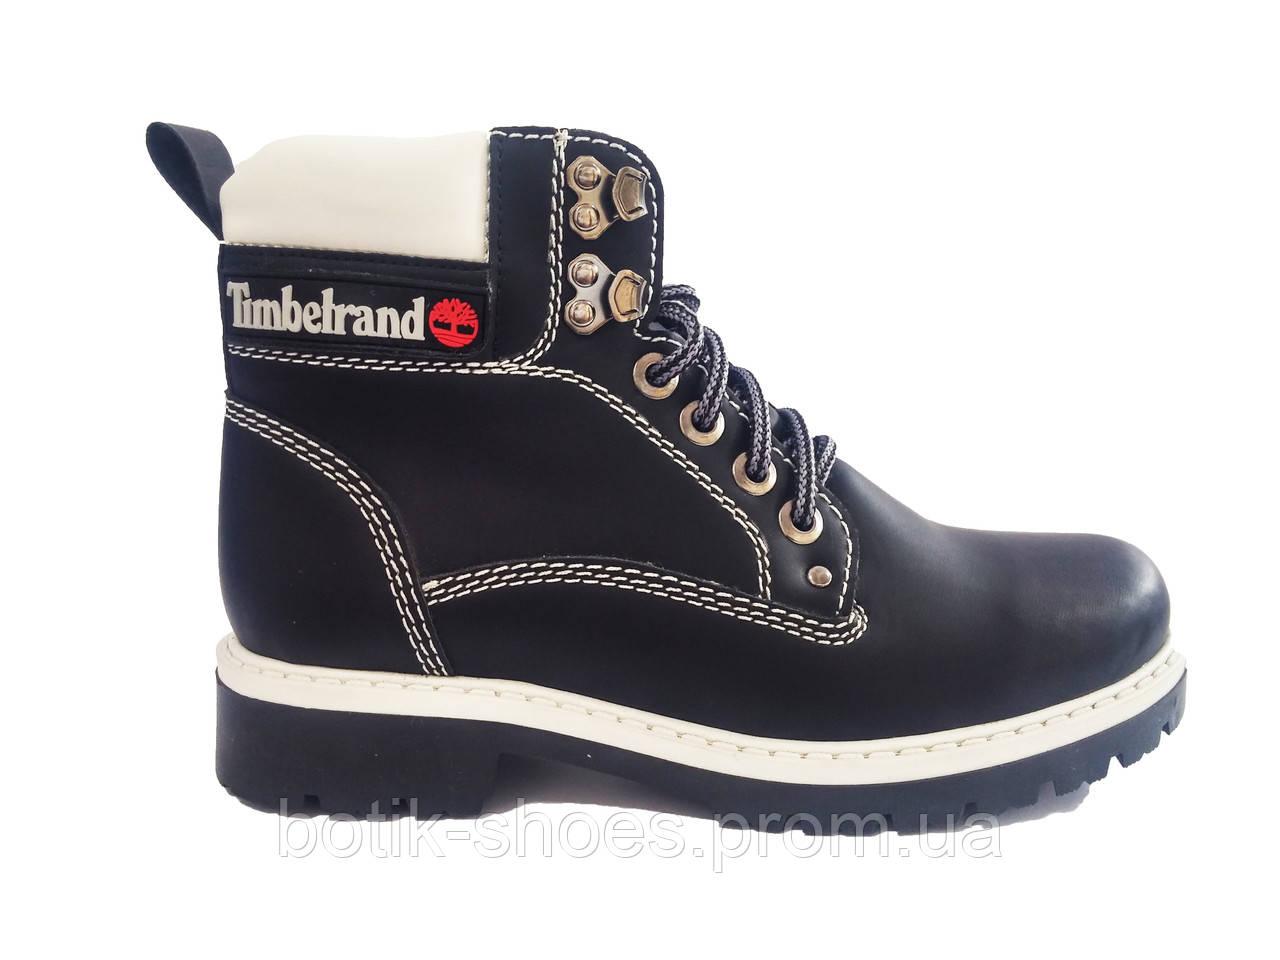 6ef40c6e Зимние ботинки женские, копия Тимберленд черные с белым - интернет-магазин  обуви